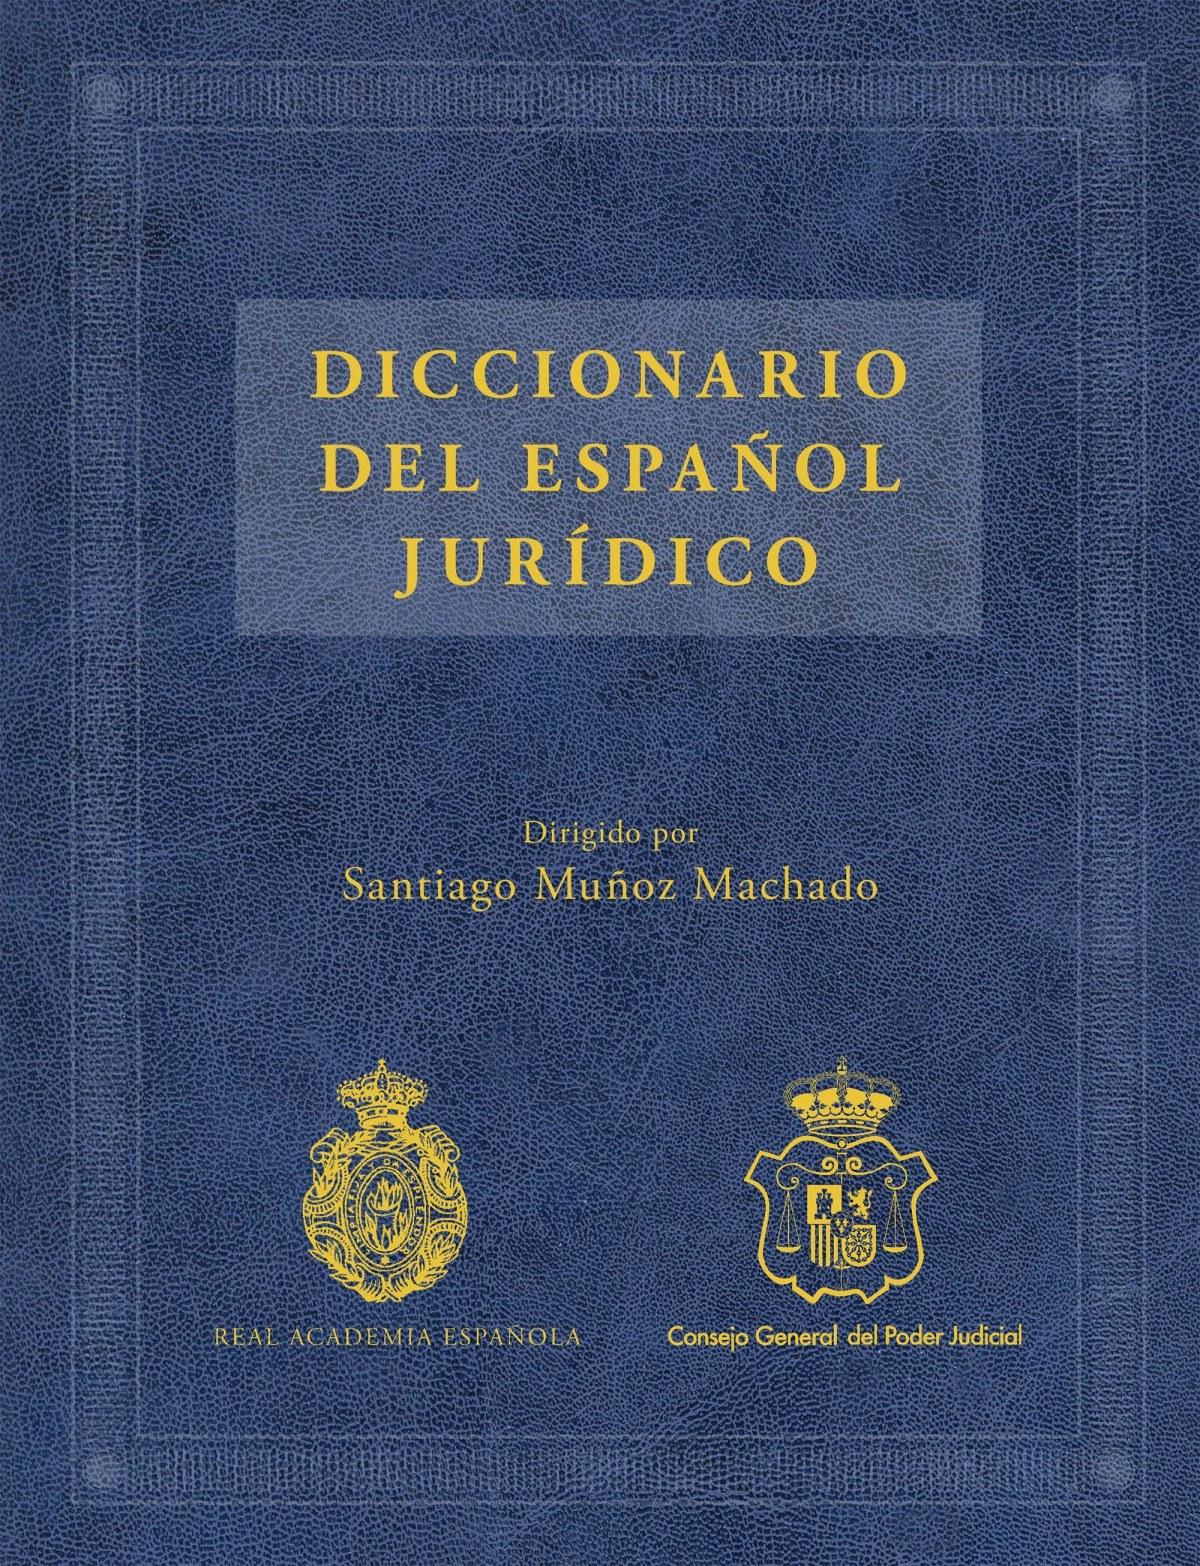 Diccionario del español juridico